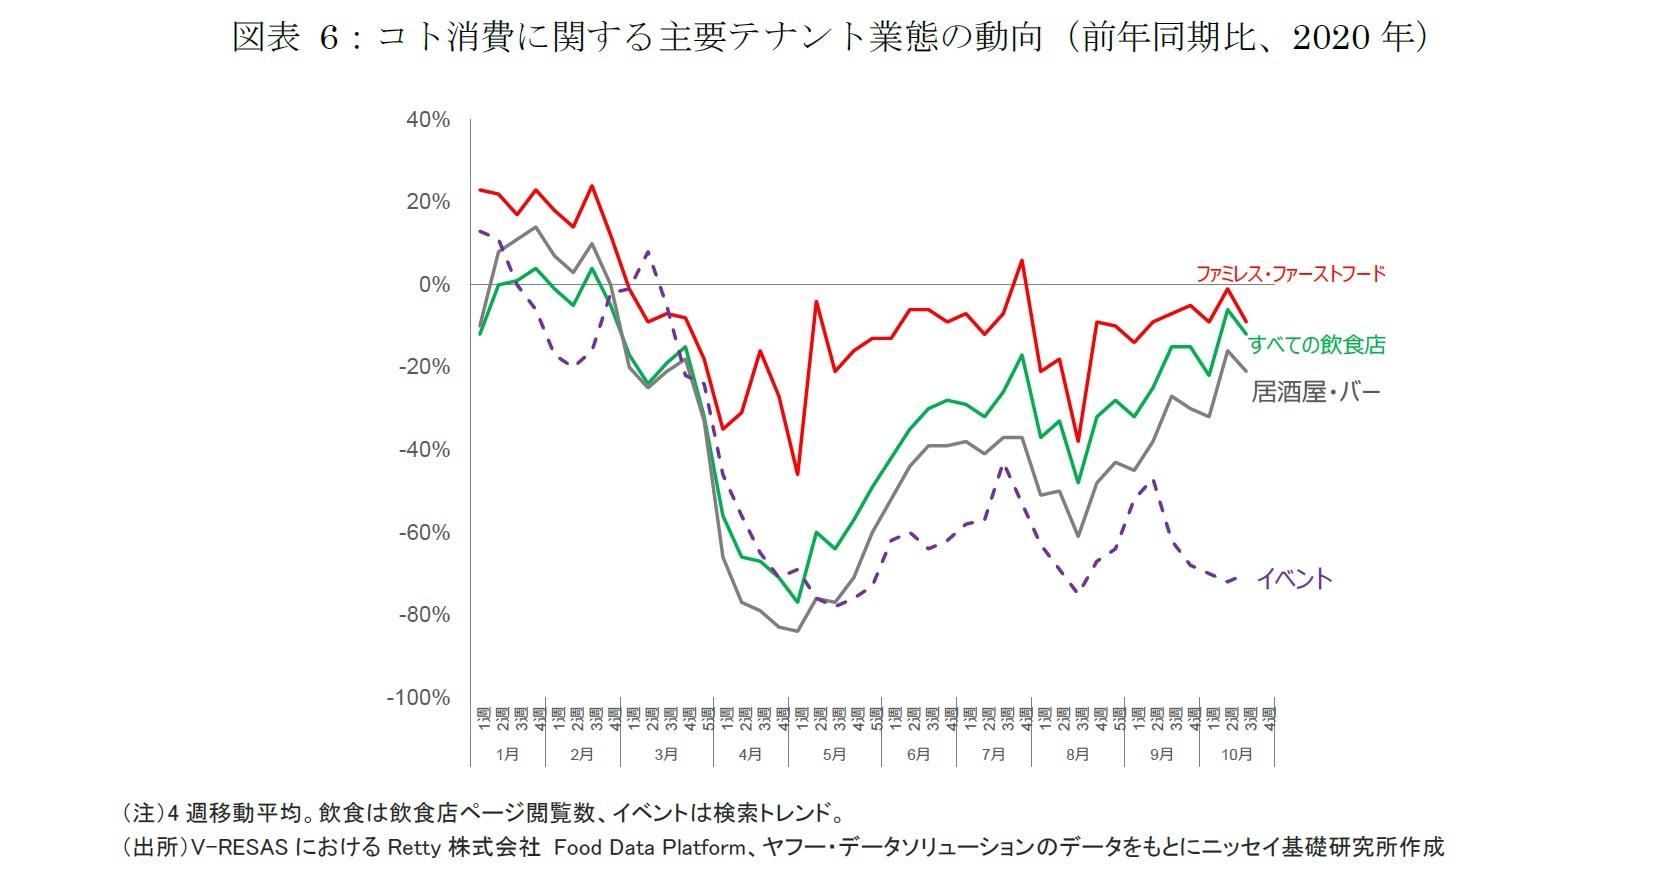 図表 6:コト消費に関する主要テナント業態の動向(前年同期比、2020年)